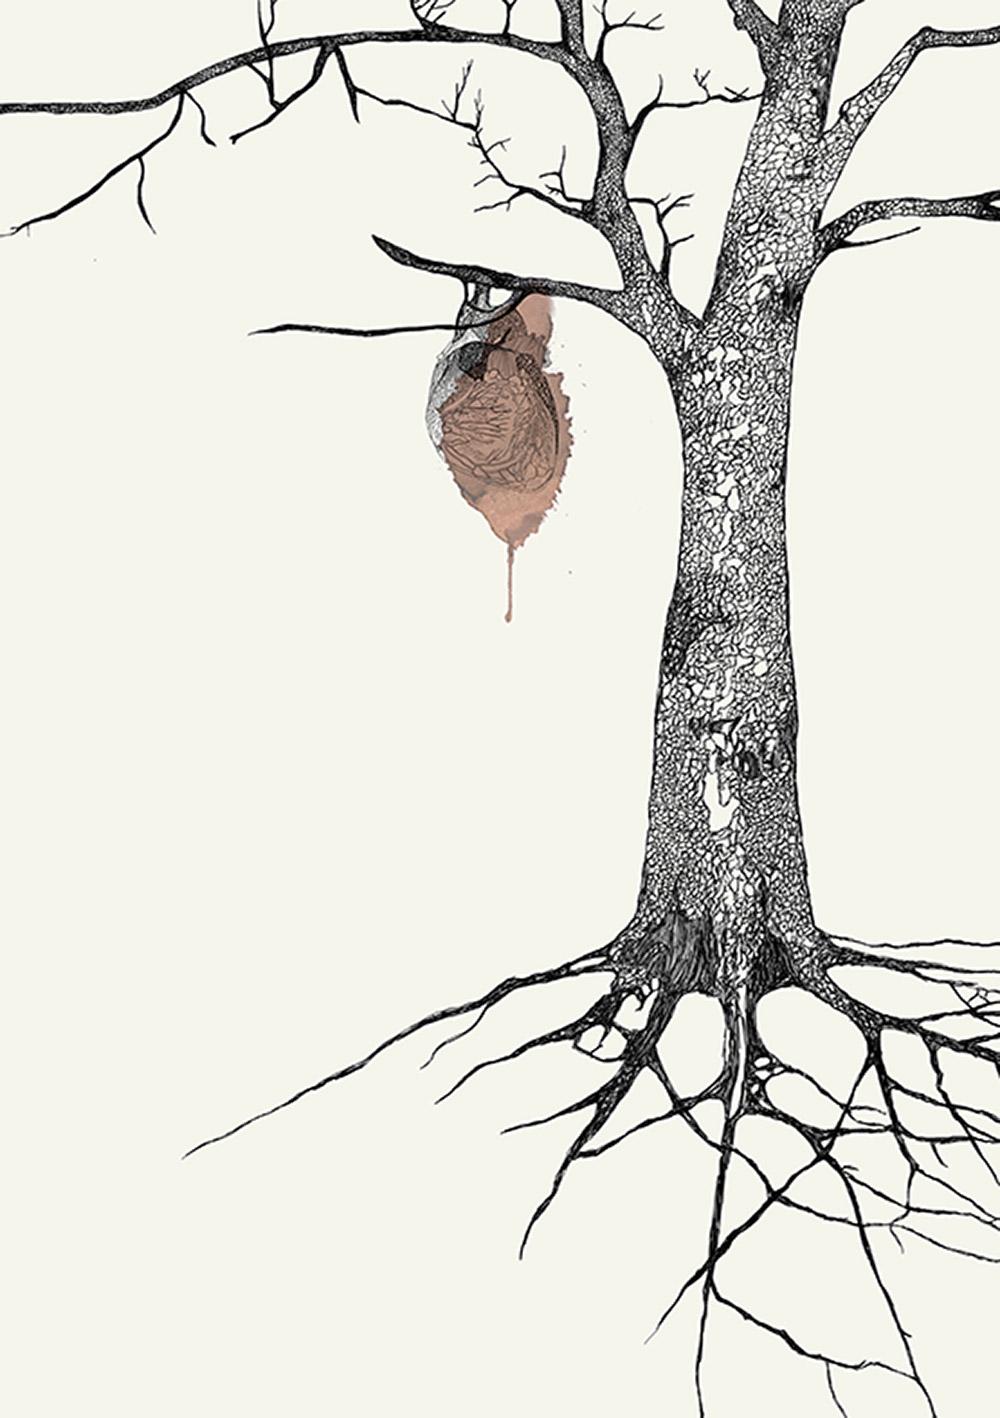 העץ המדמם, מורן קליגר, 2015